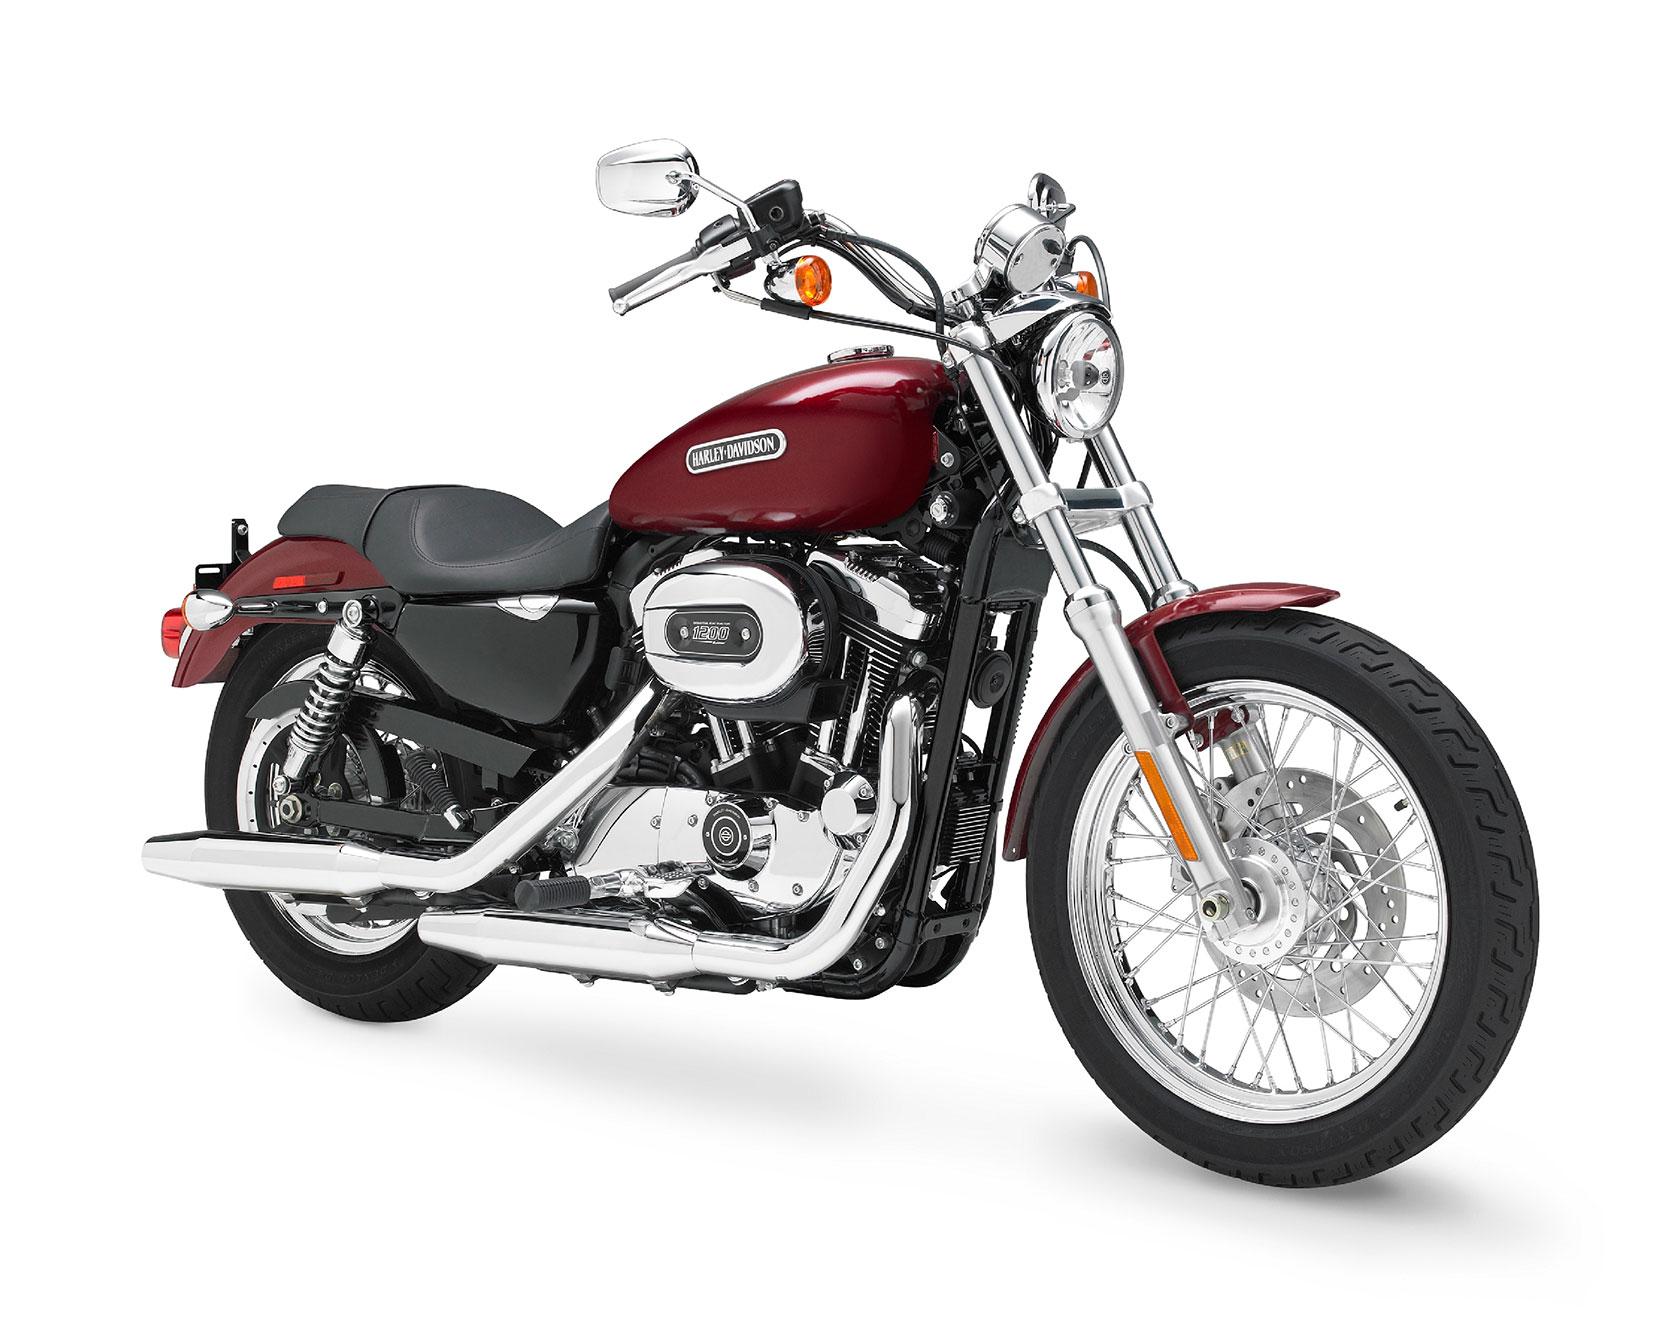 Hog-Crazy 2010 Harley-Davidson Sporster 1200L -XL1200L http://hog-crazy.freehostia.com